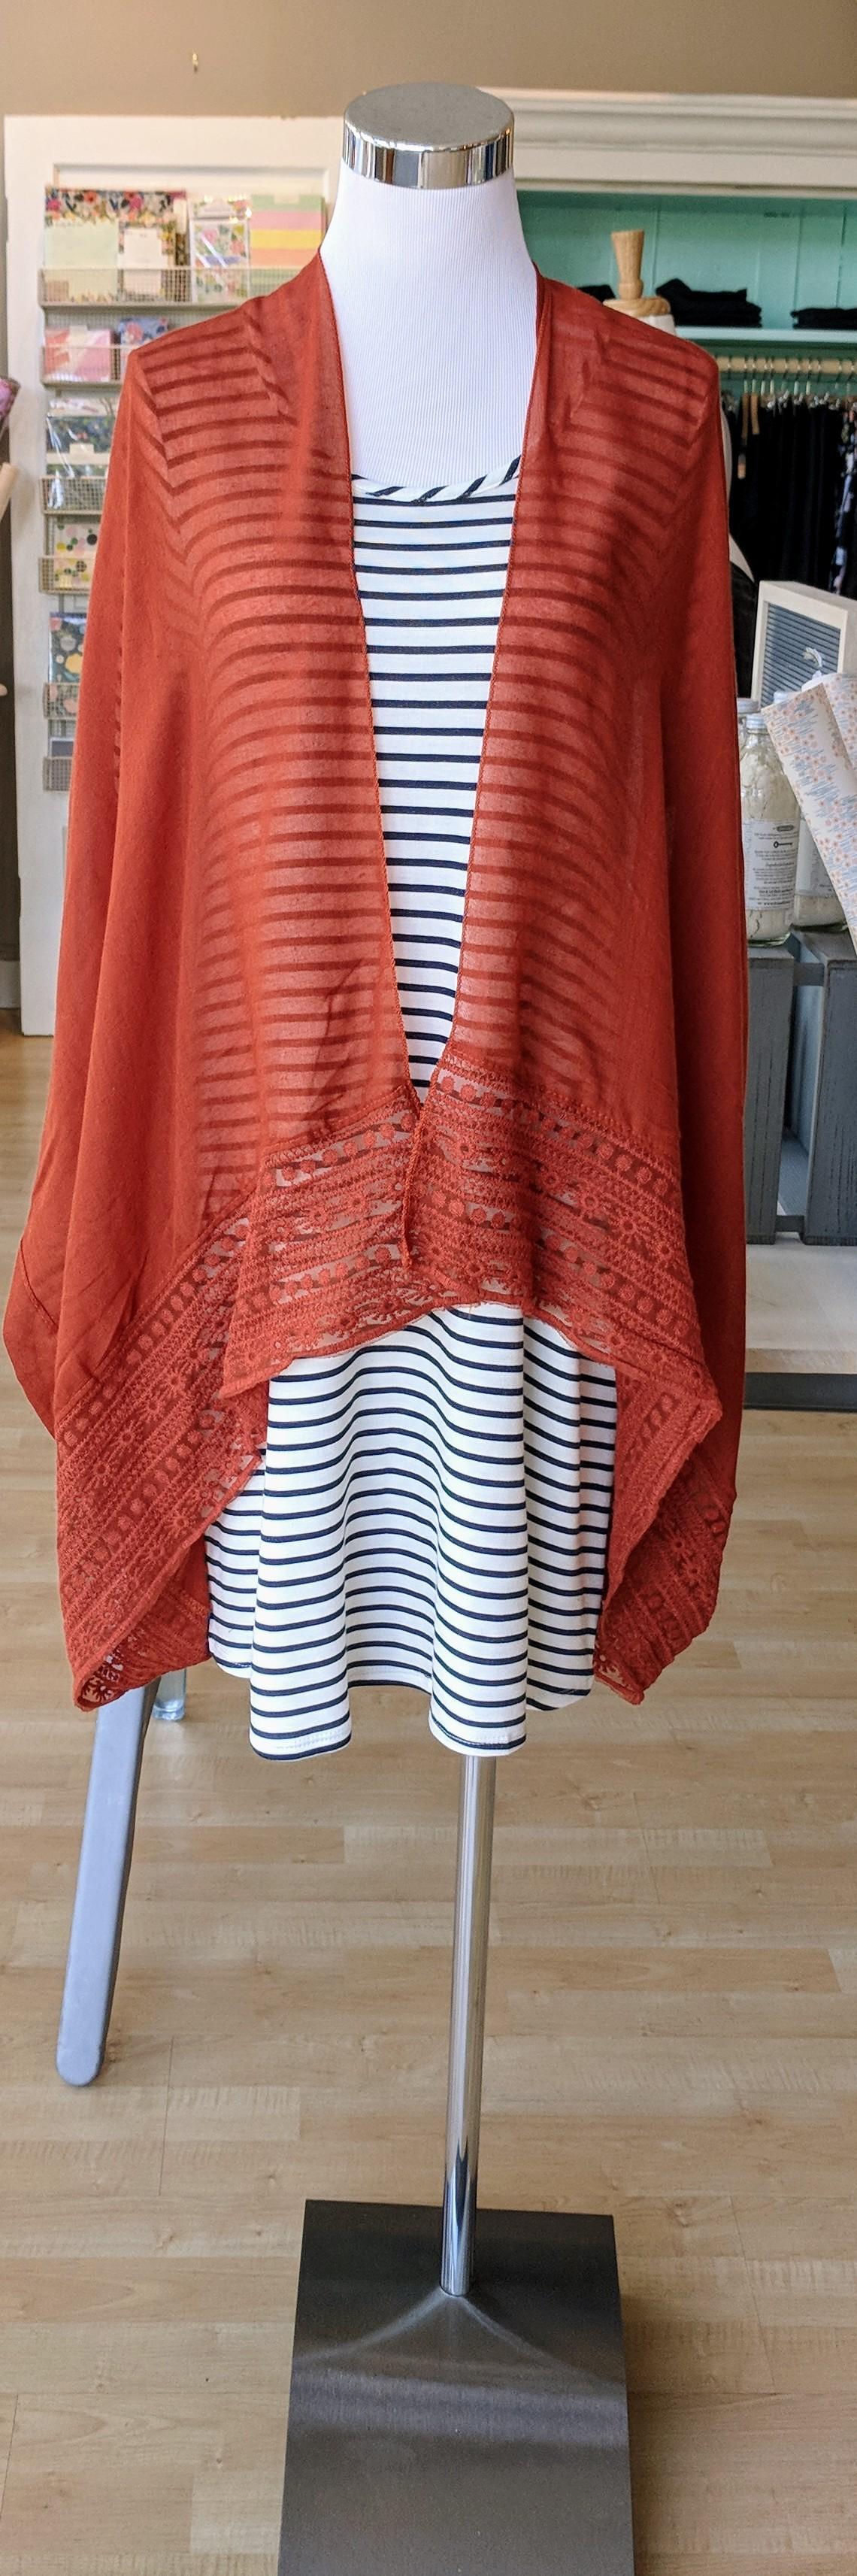 Rust color Kimono with Lace border trim $18